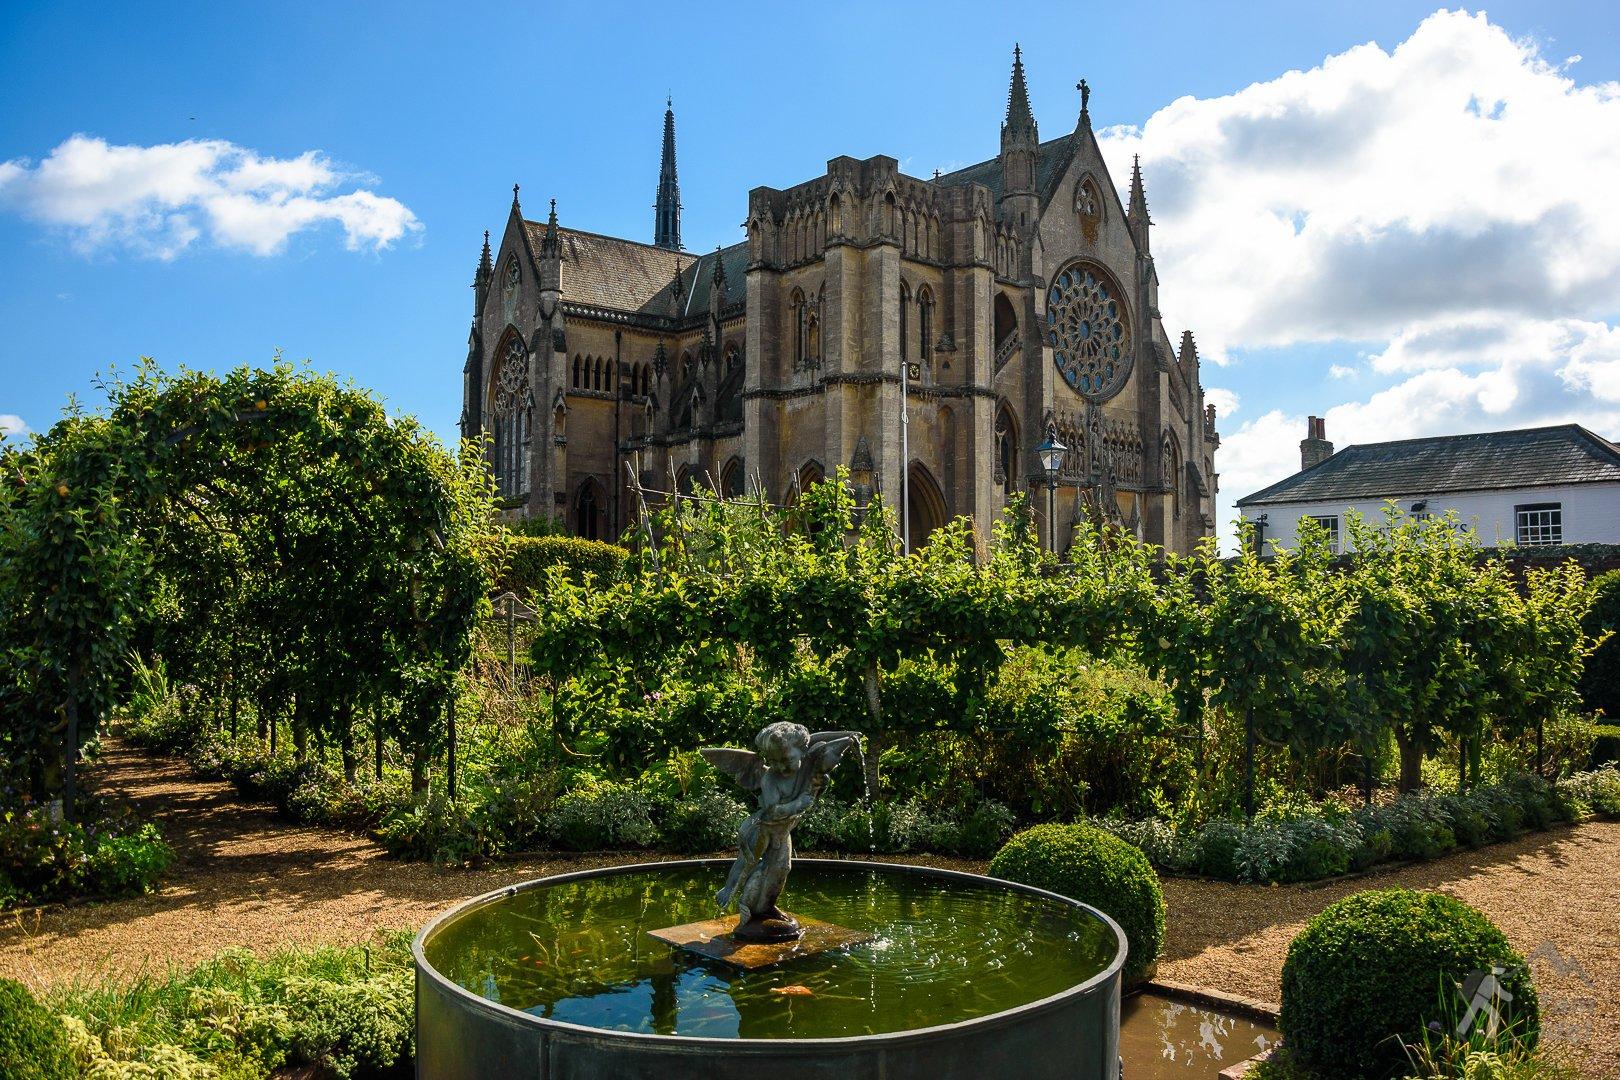 Katedra w Arundel widziana z zamkowych ogrodów